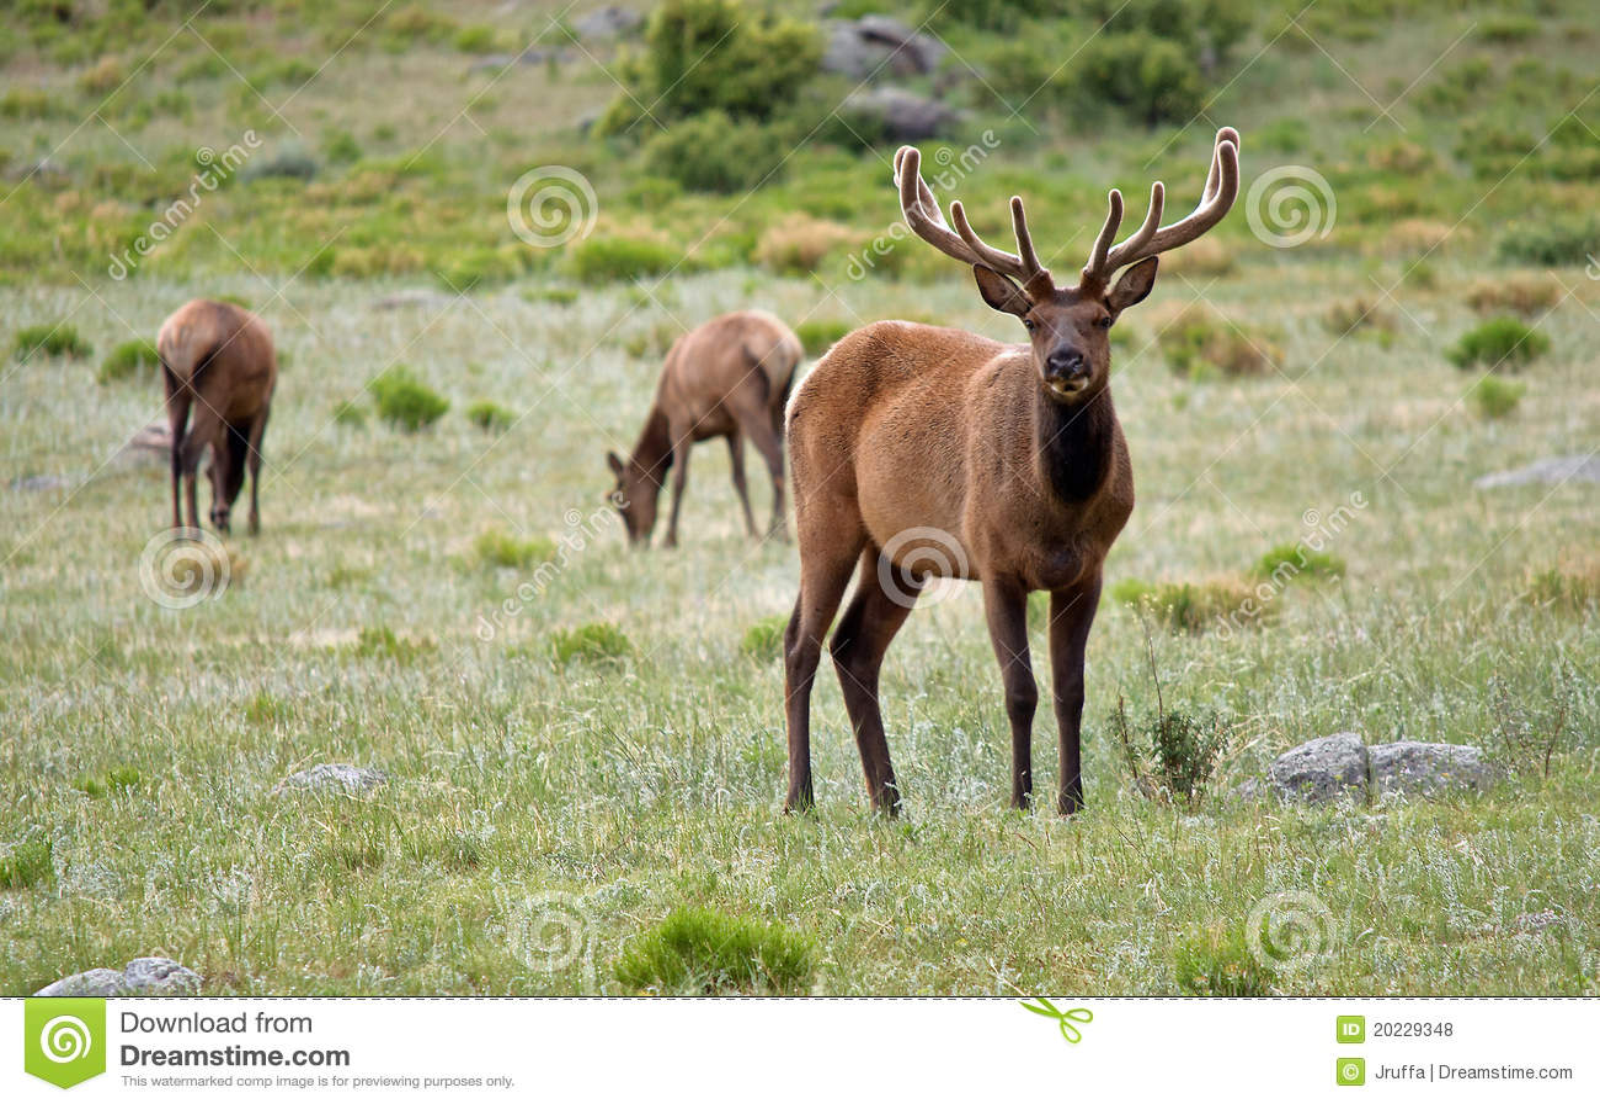 Stately Bull Elk